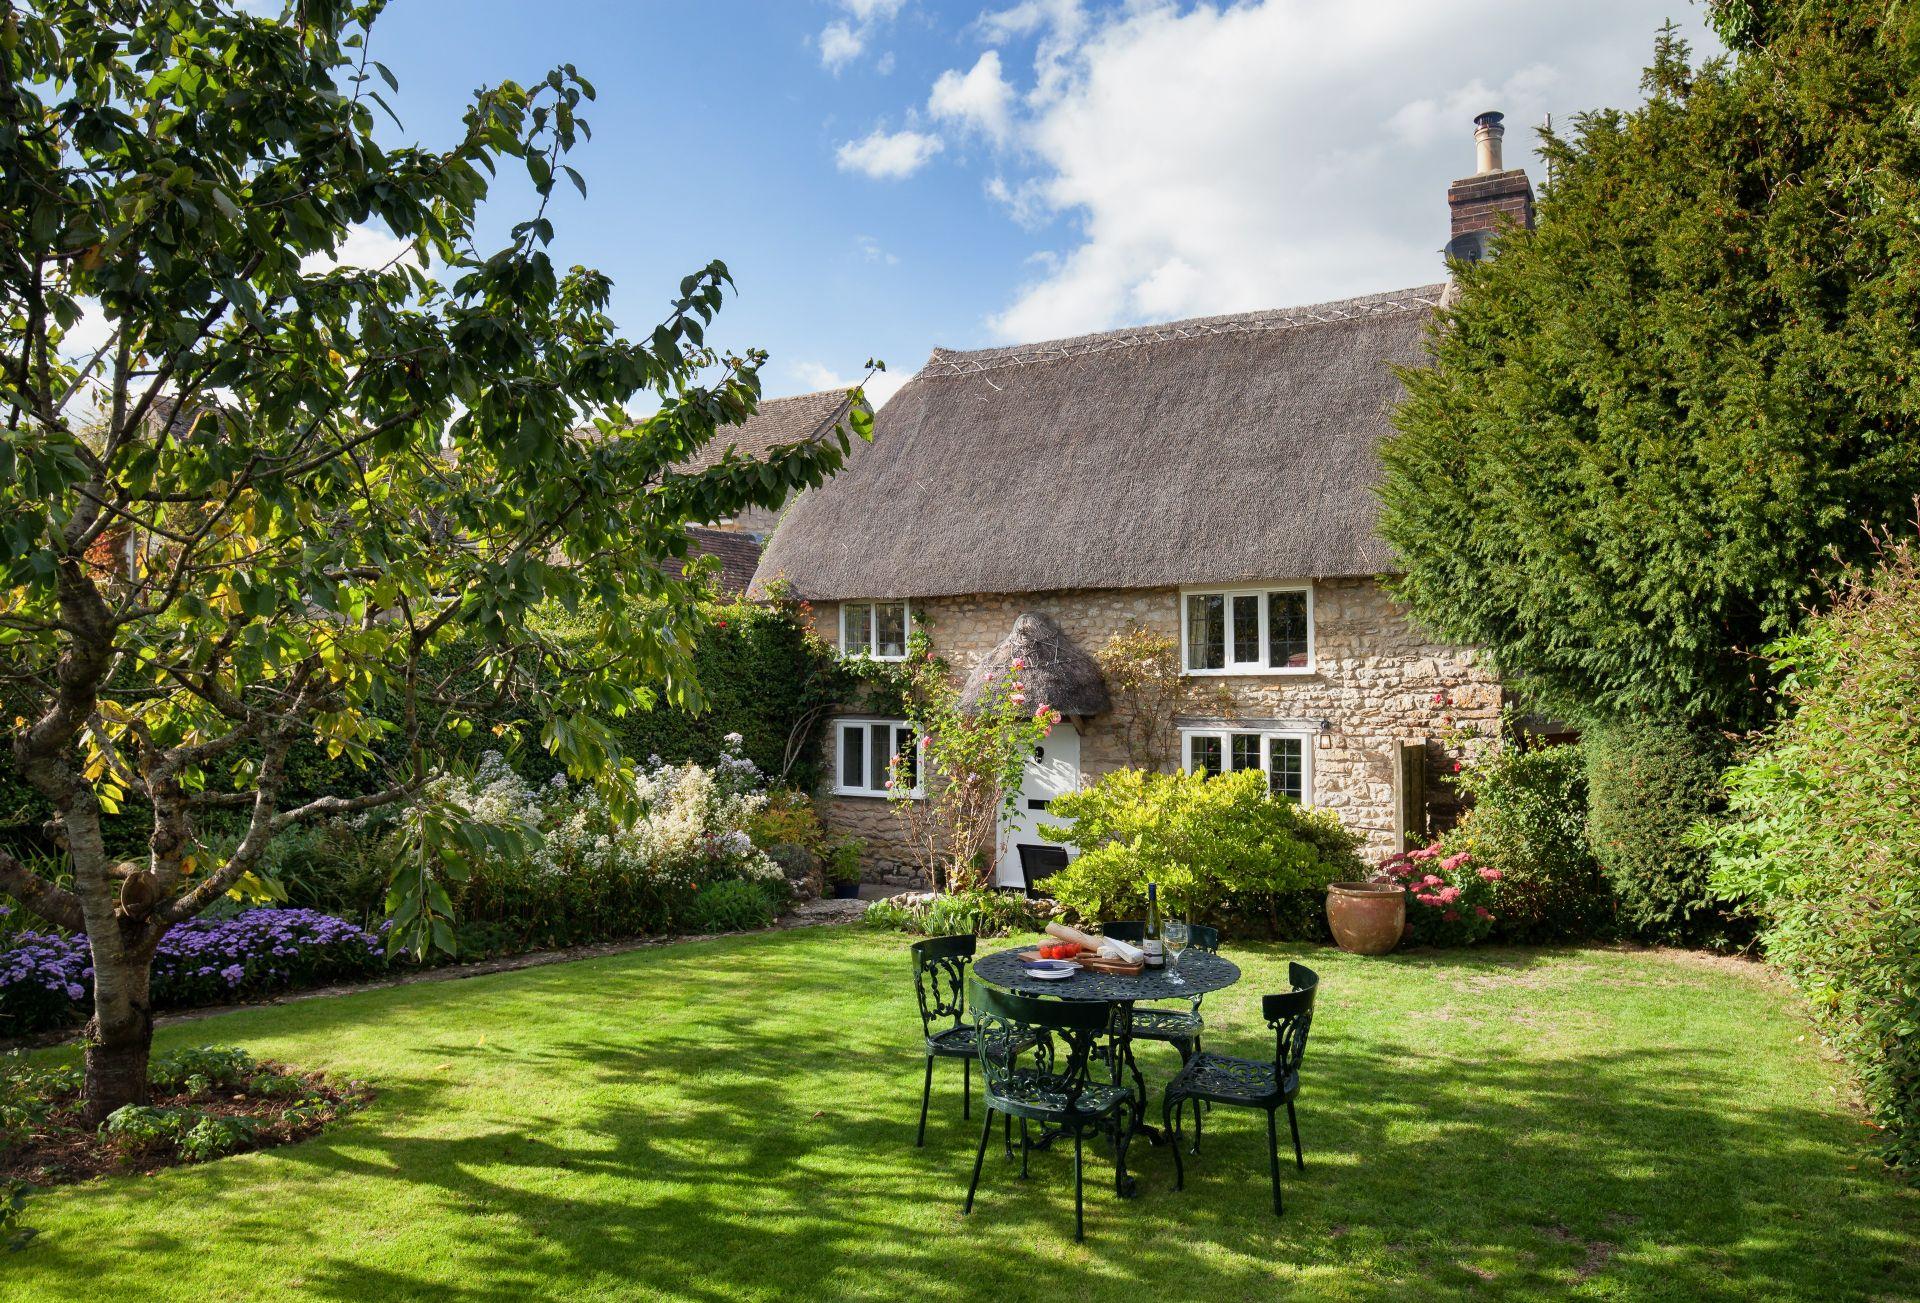 Snowdrop Cottage